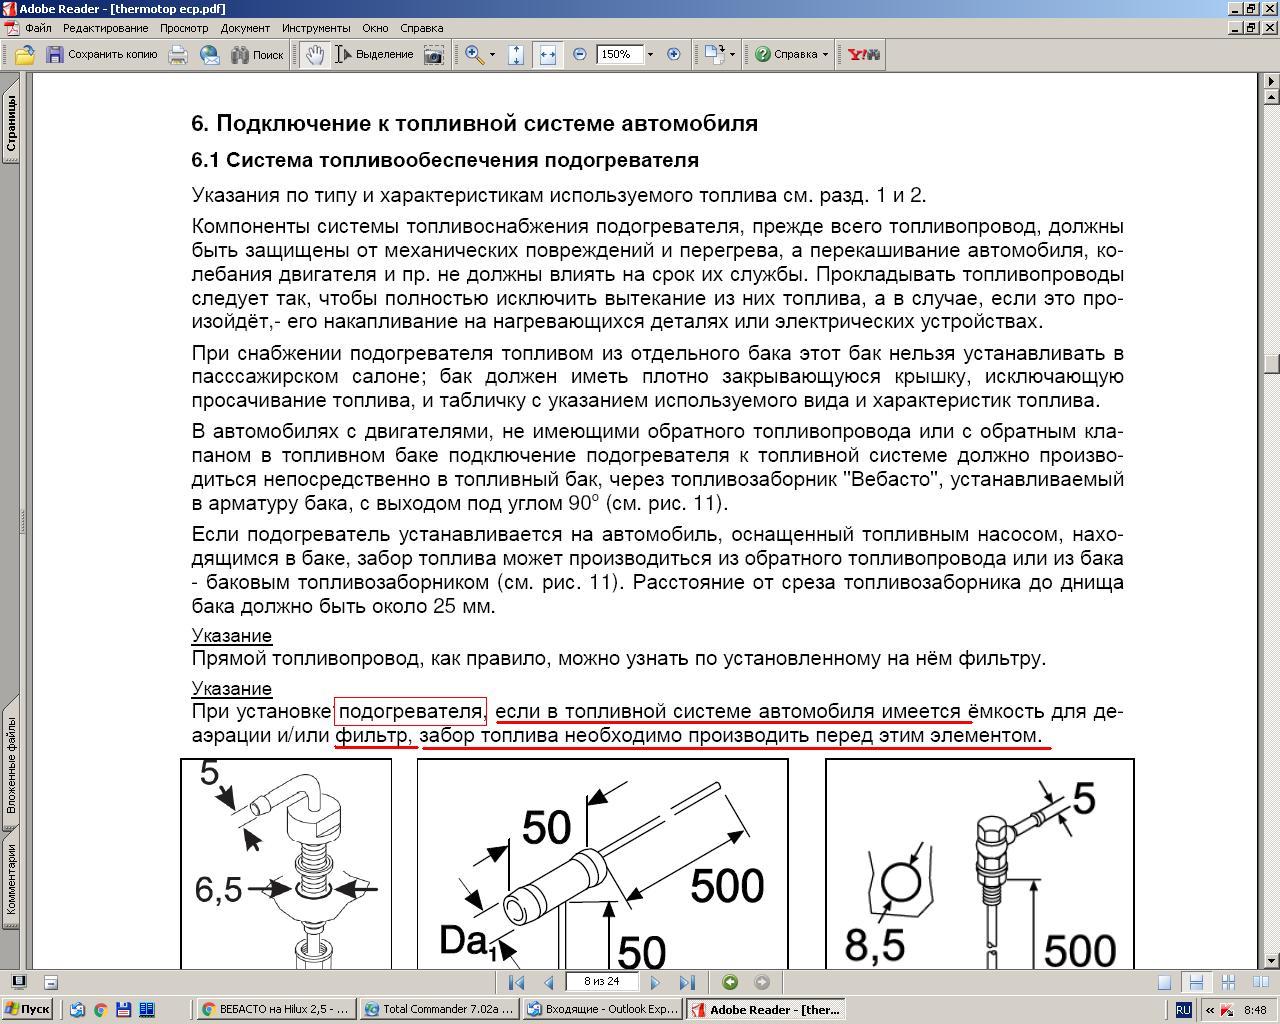 вебасто схема подключения на русском